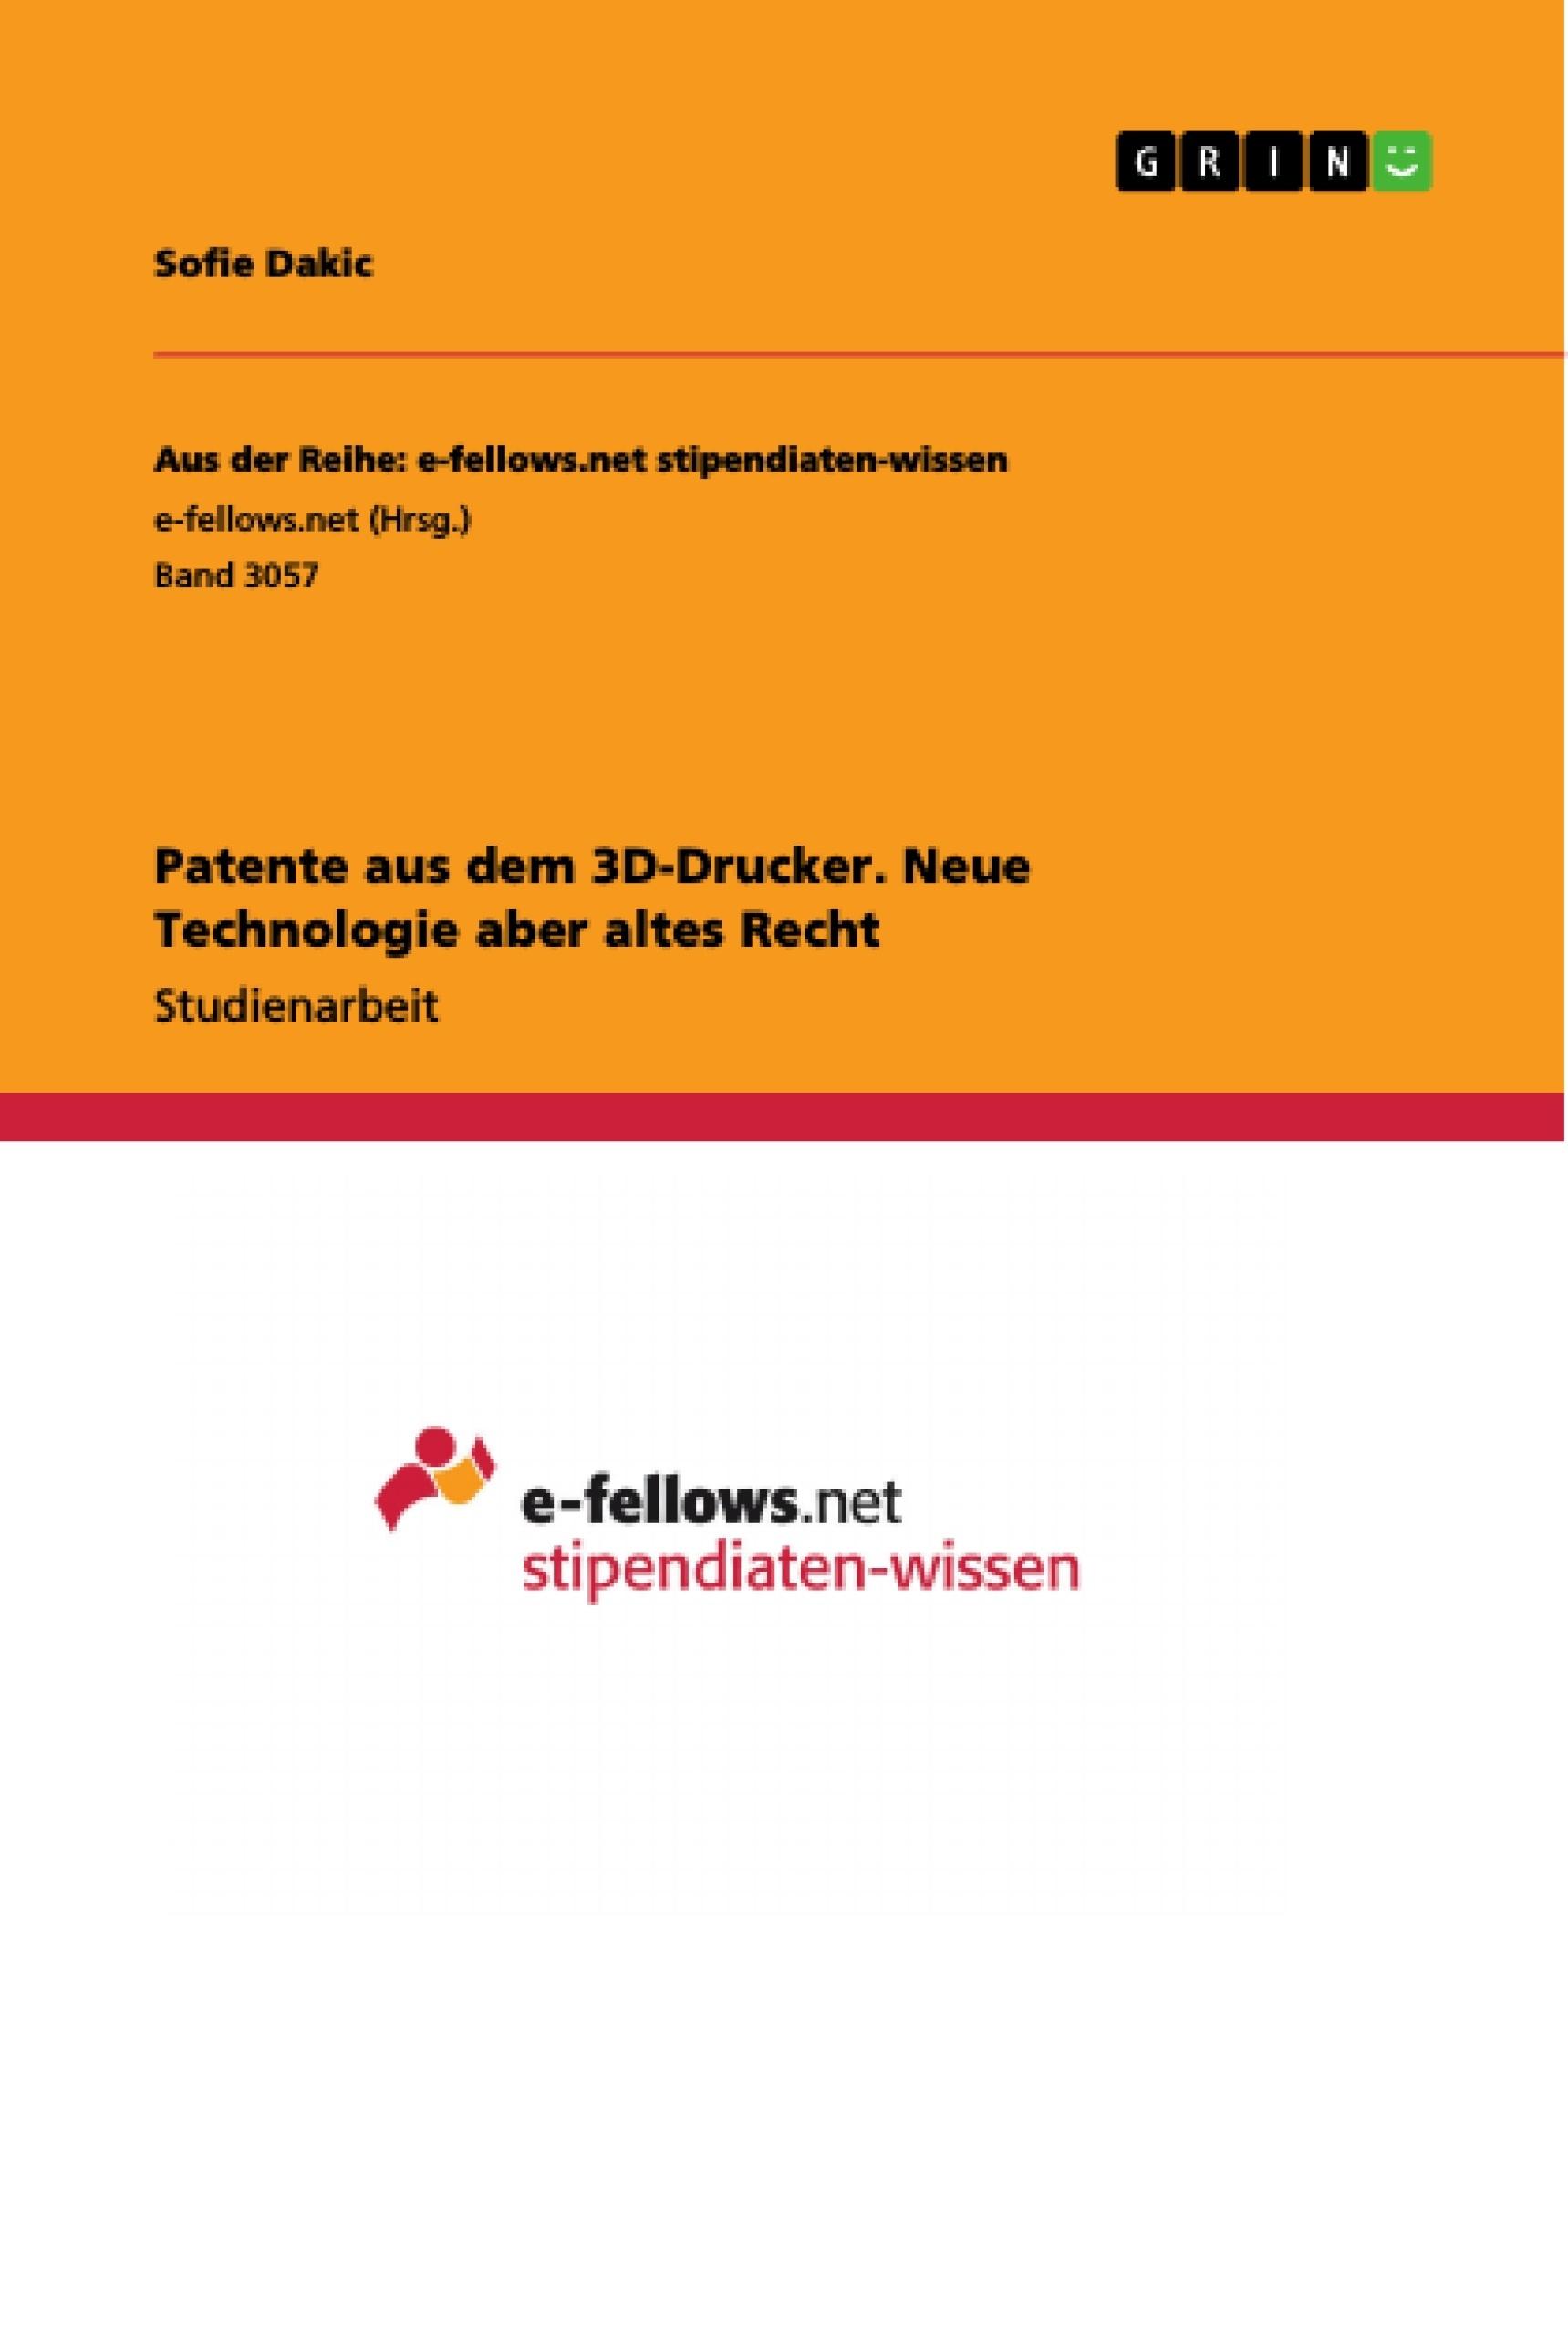 Titel: Patente aus dem 3D-Drucker. Neue Technologie aber altes Recht